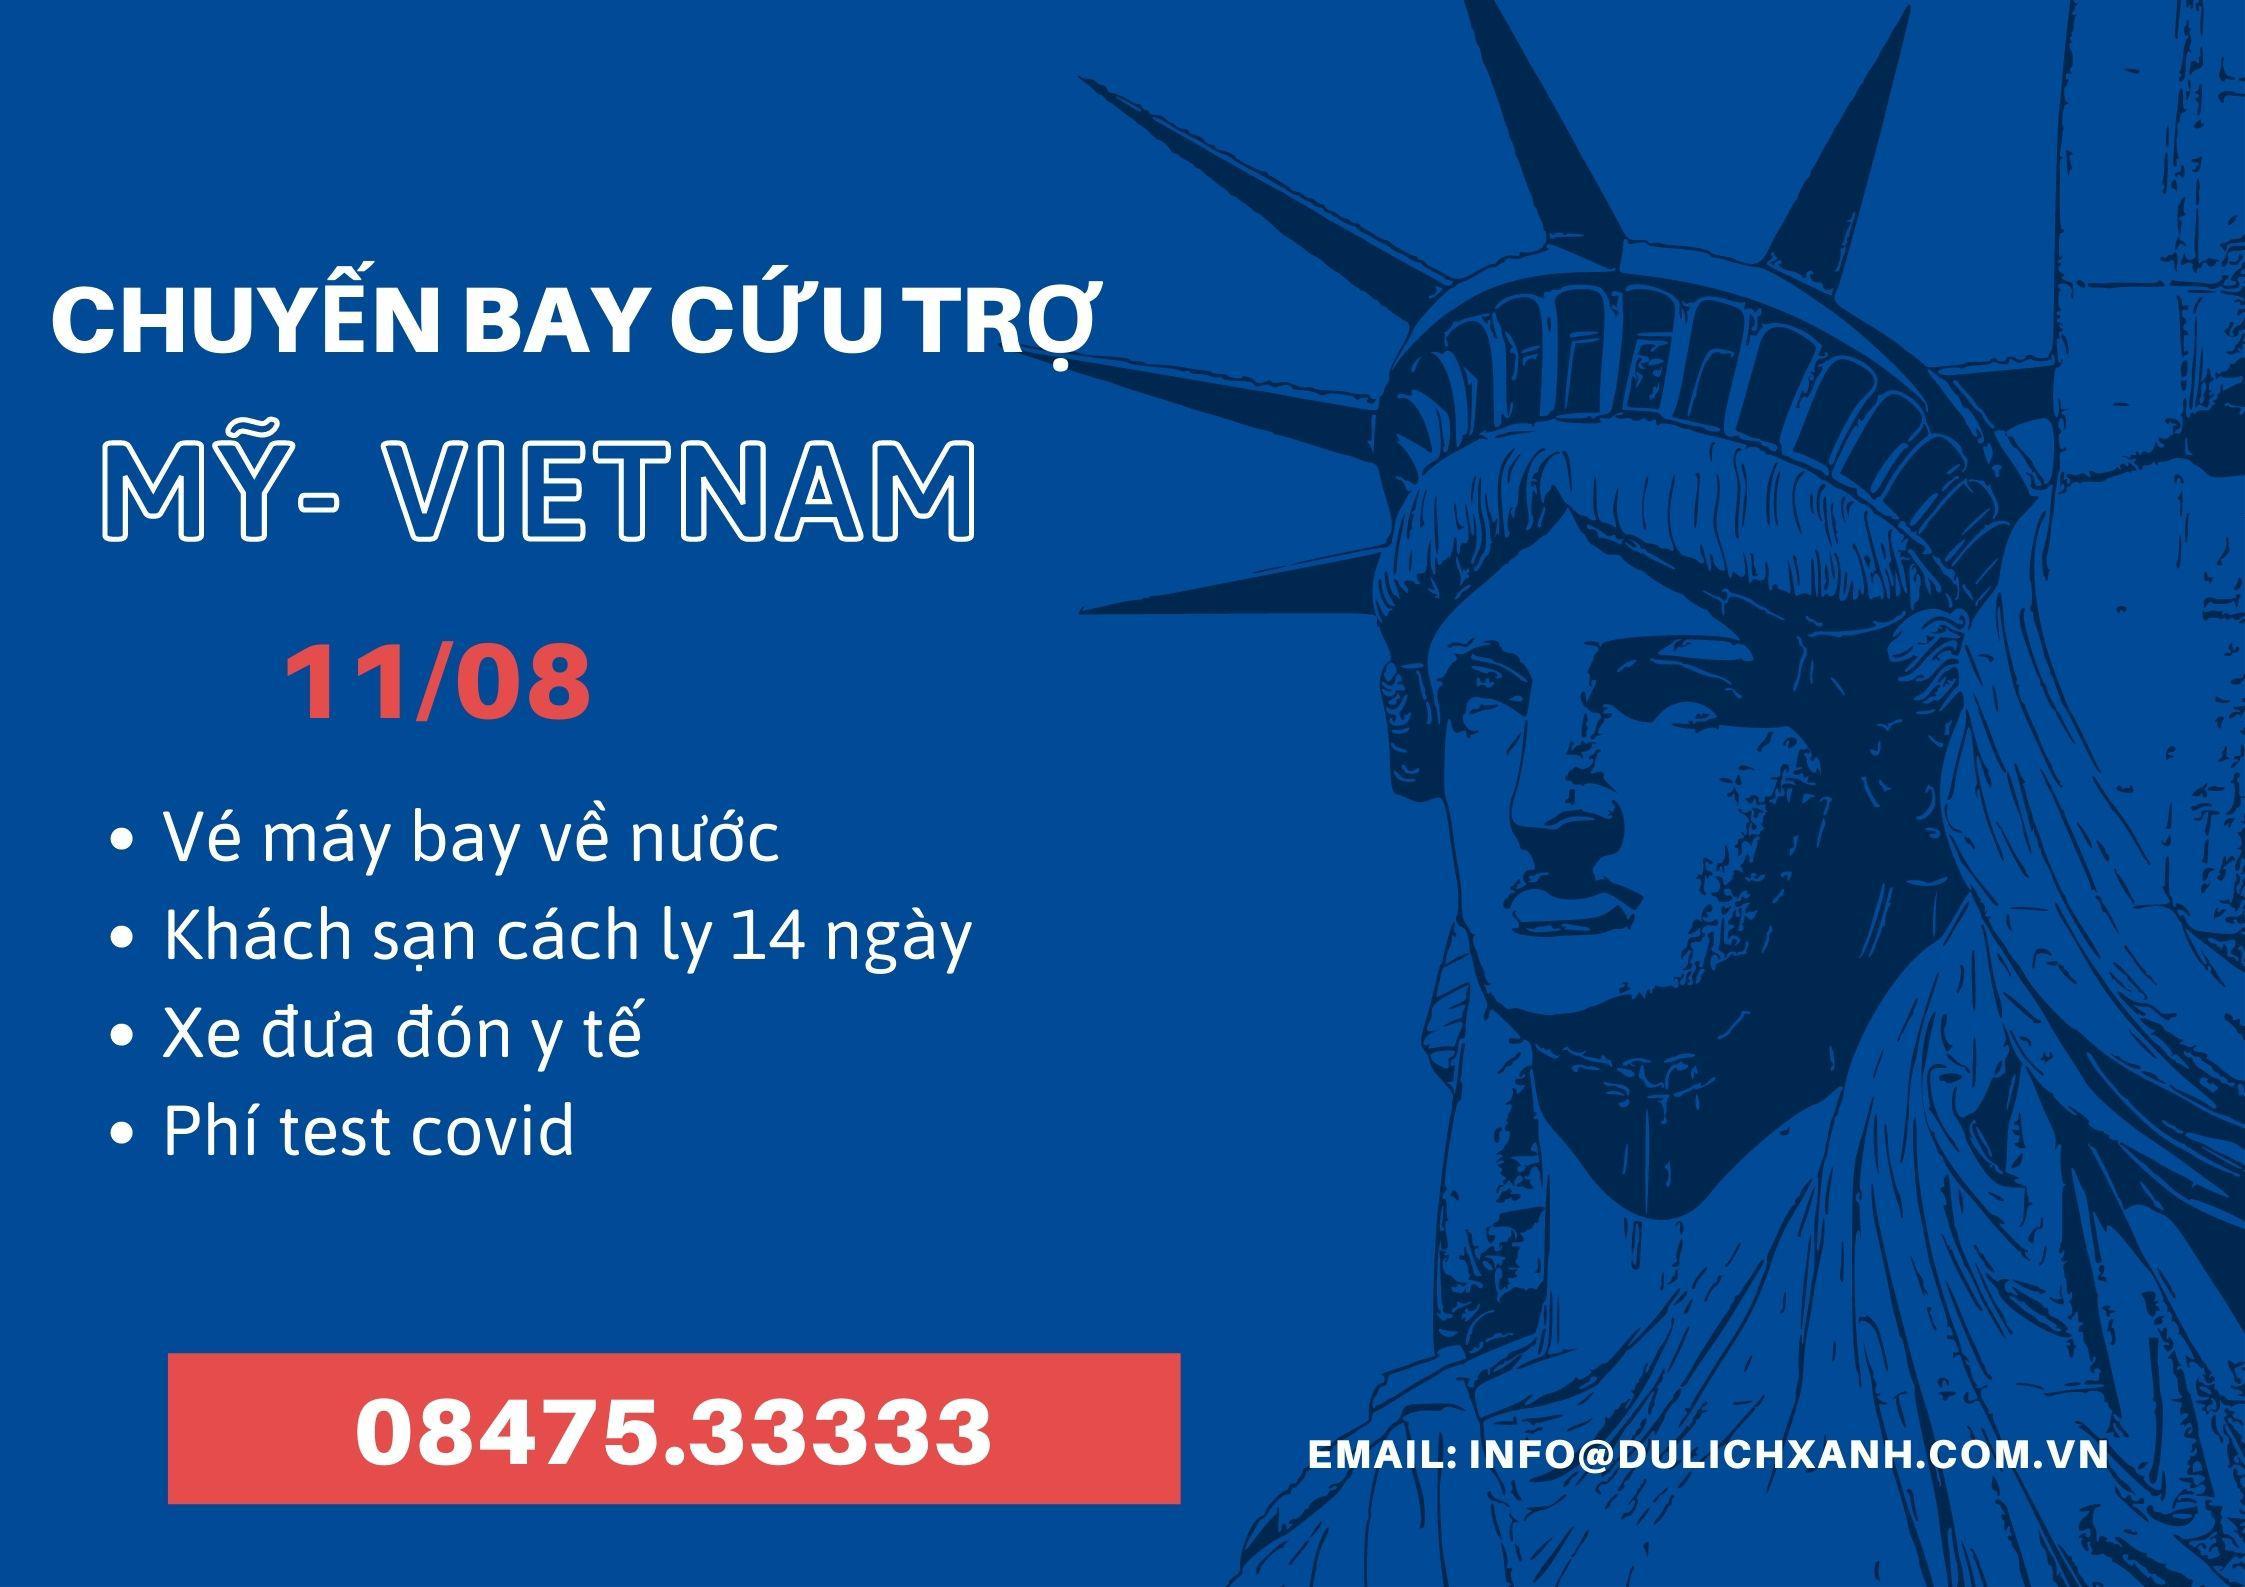 Đặt chuyến bay cứu trợ từ Mỹ về Việt Nam 11/8